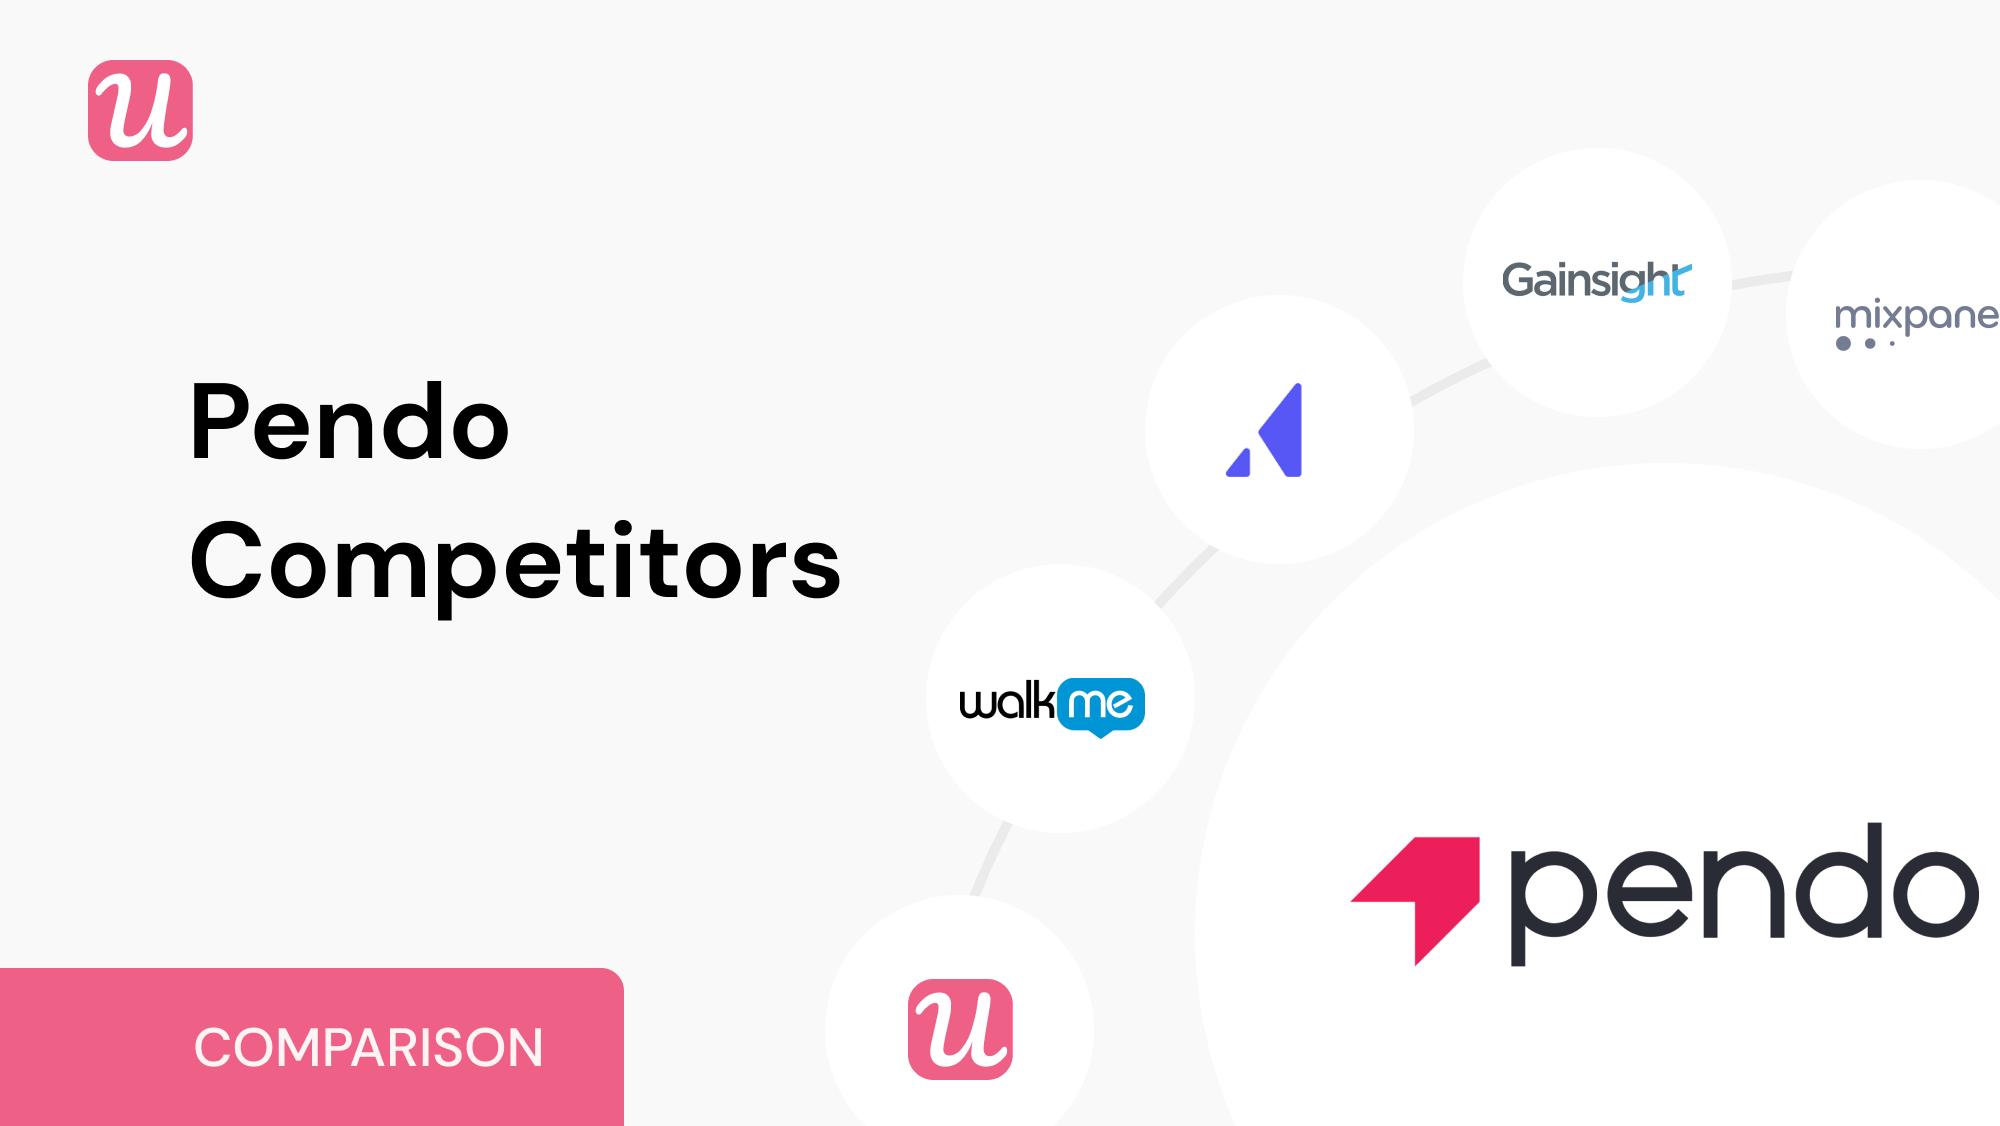 pendo competitors